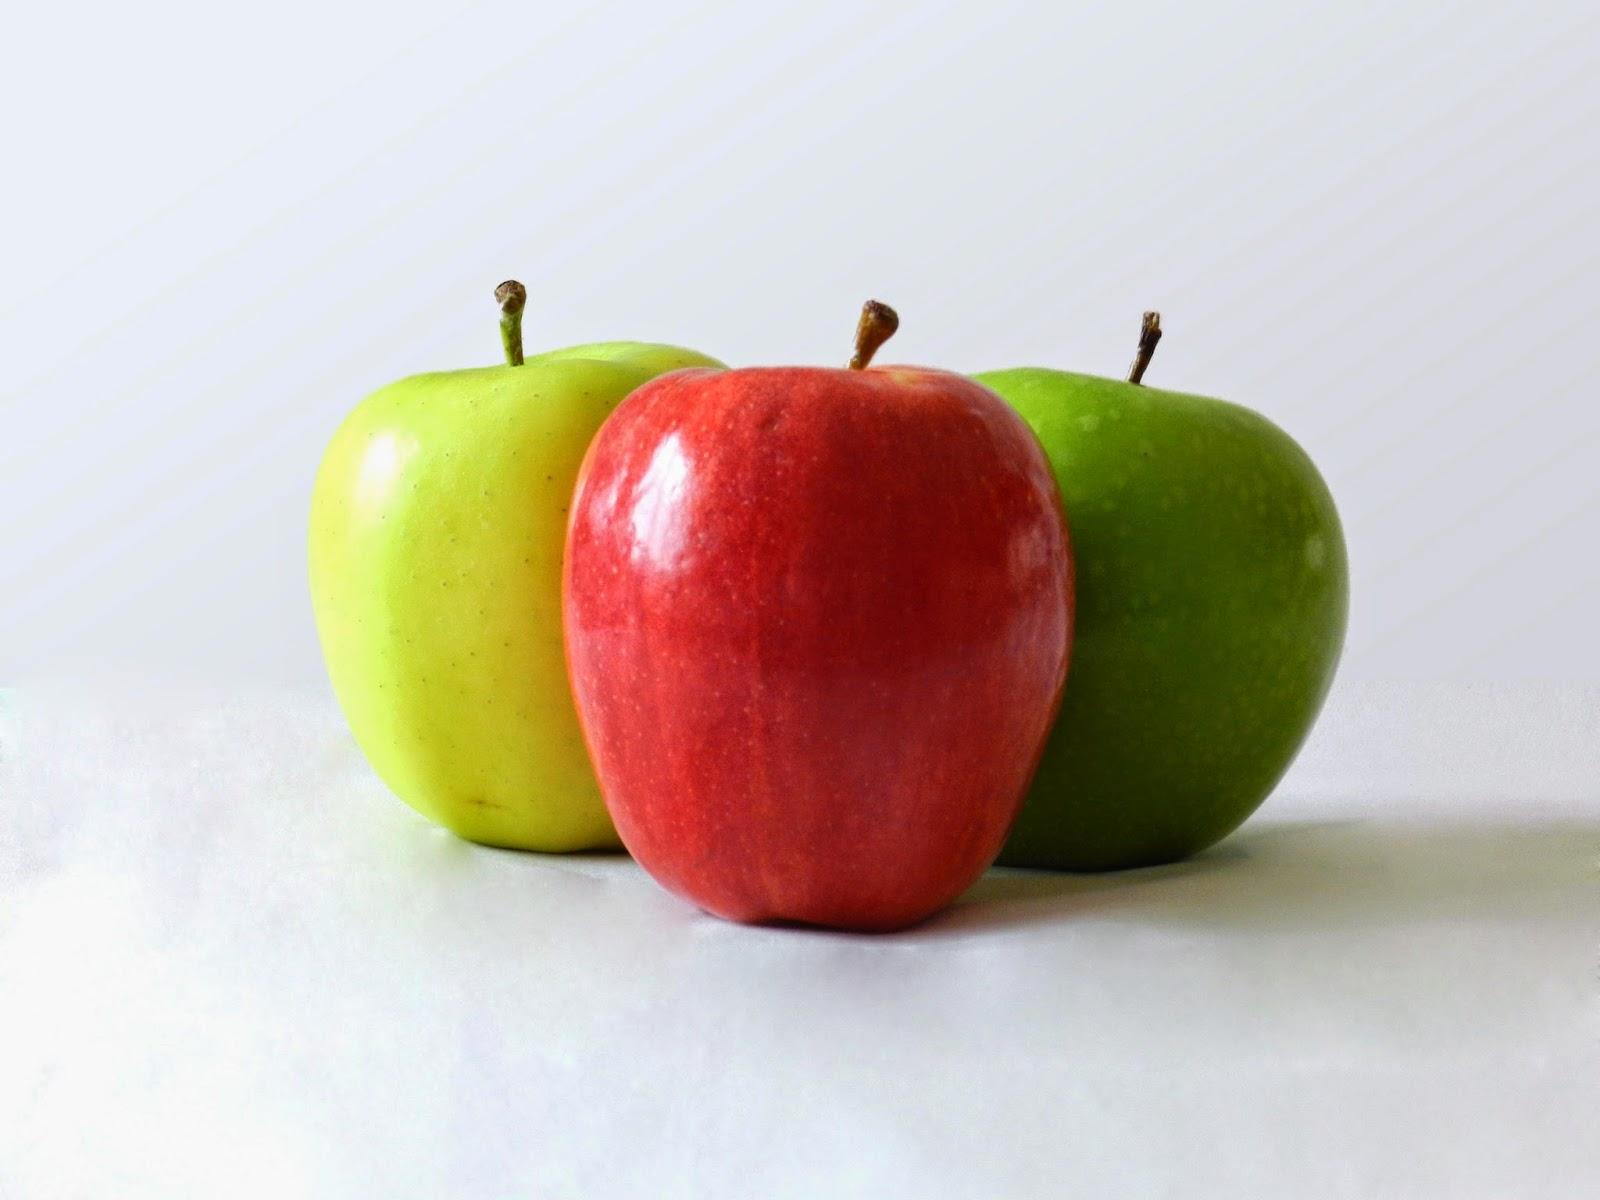 How do you maximize nutrition?